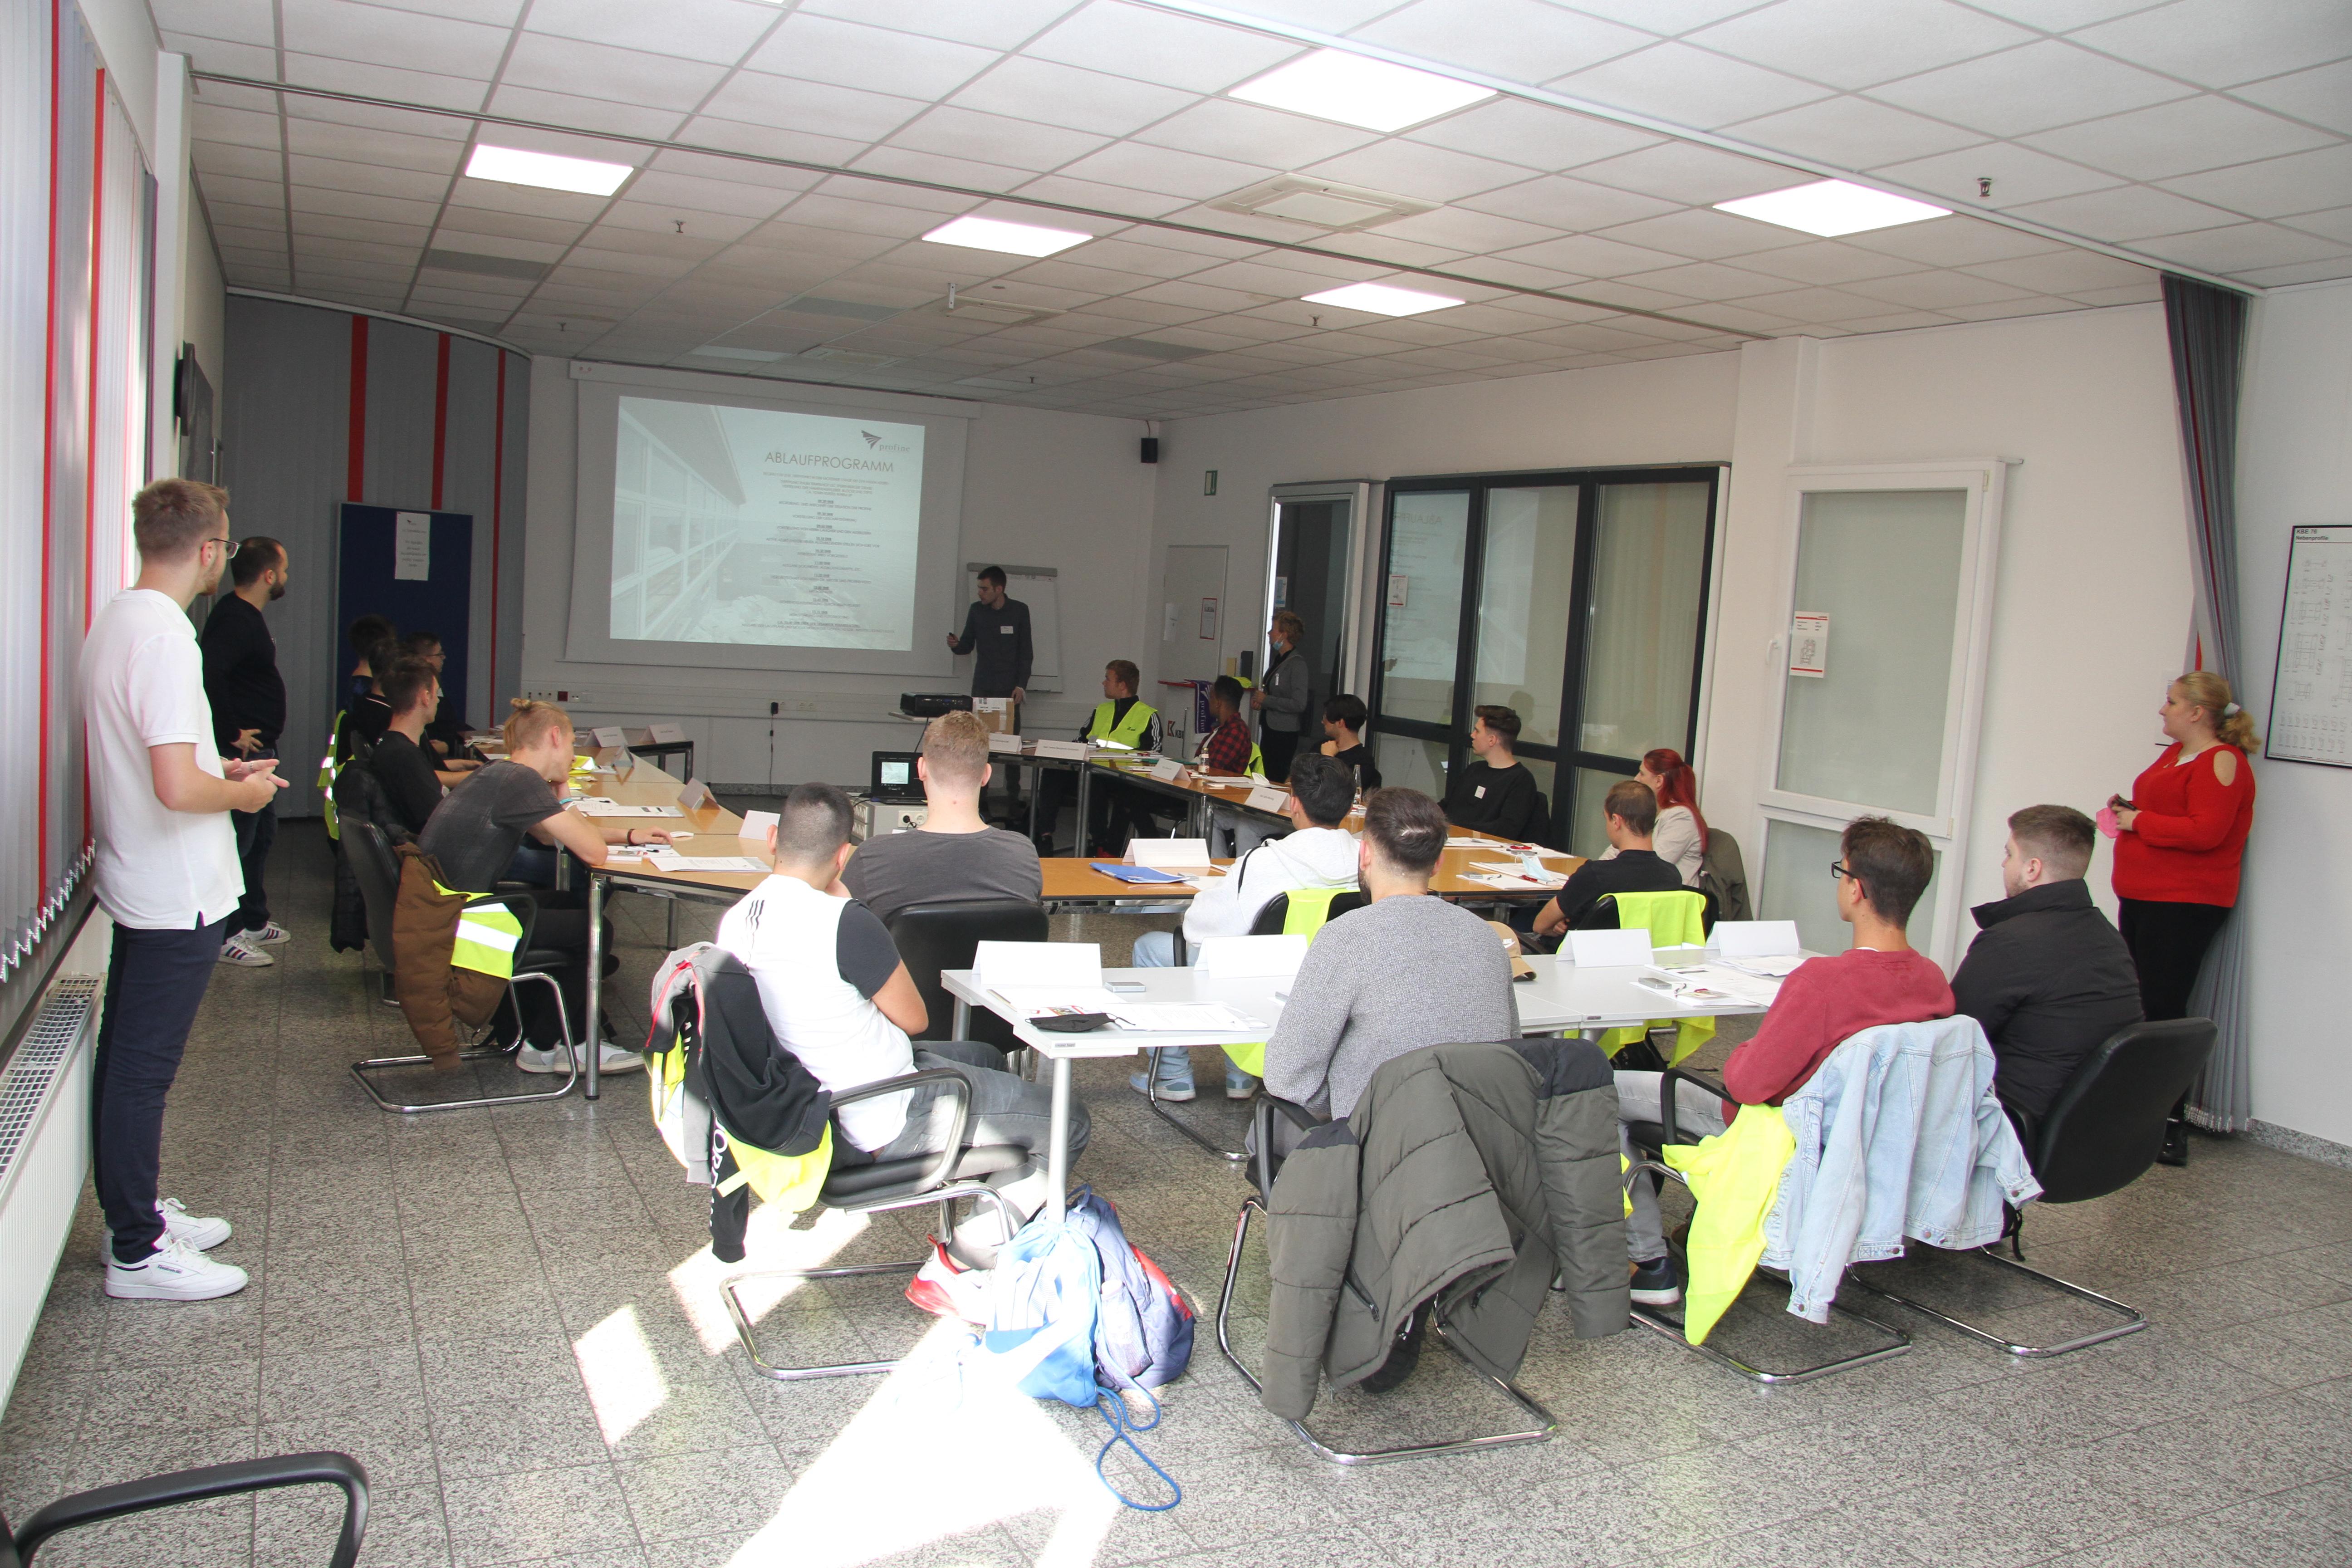 Azubi Yann Kniest präsentiert die Agenda des ersten Tages.